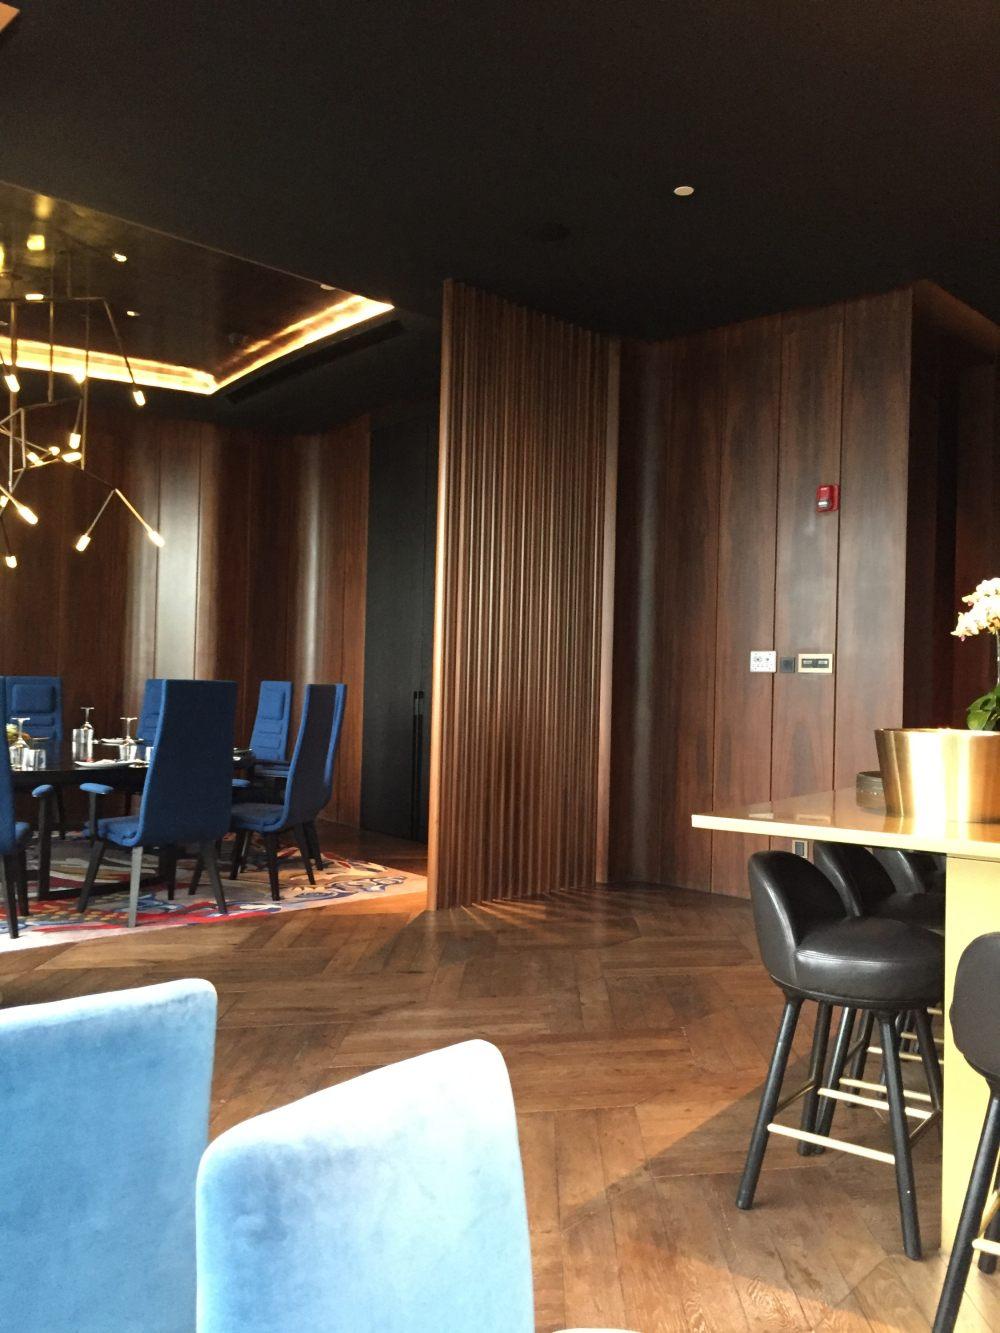 上海外滩W酒店,史上最全入住体验 自拍分享,申请置...._IMG_6347.JPG